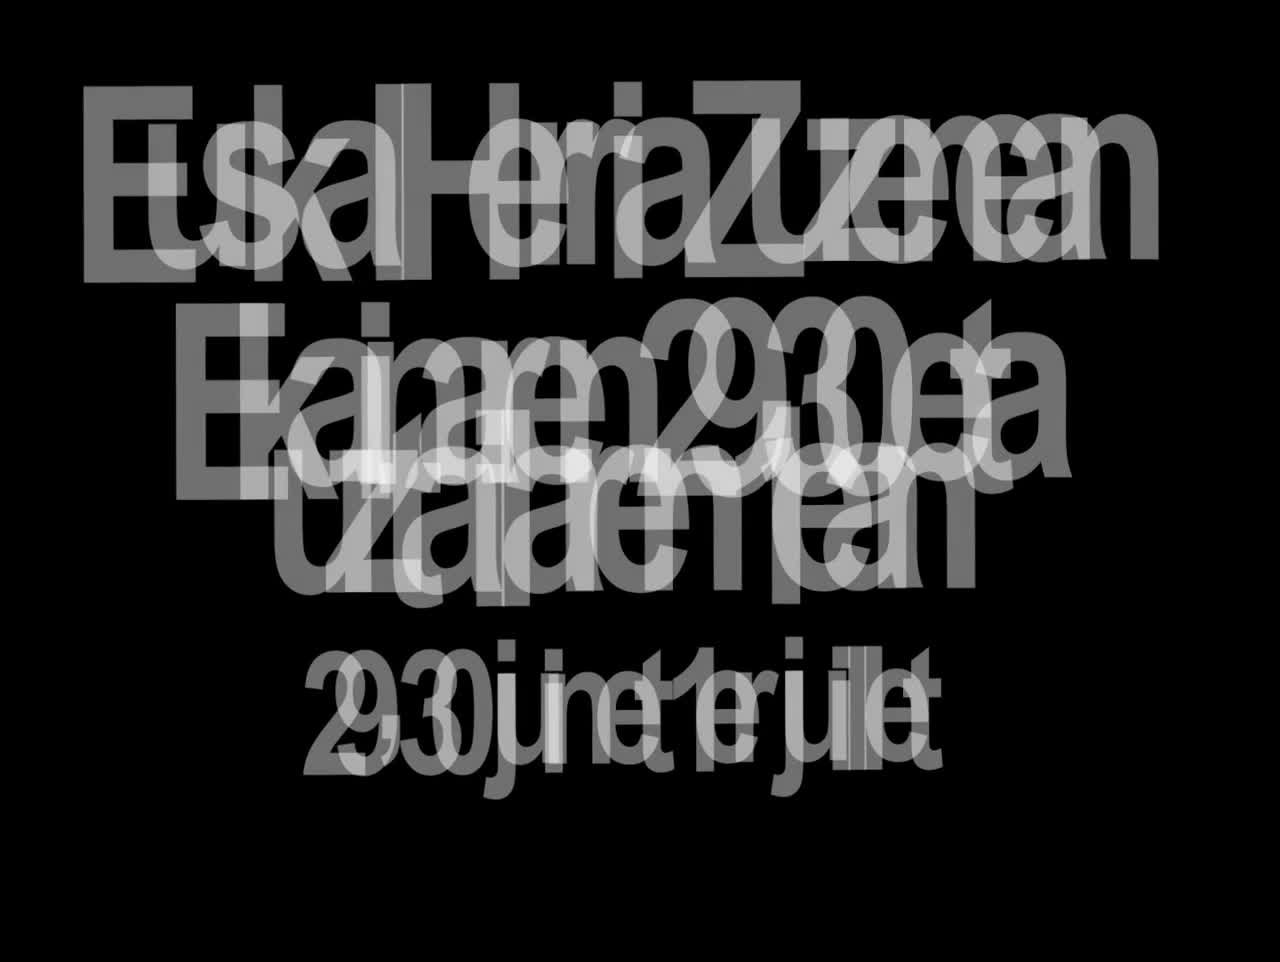 EHZ 2012 HELETA